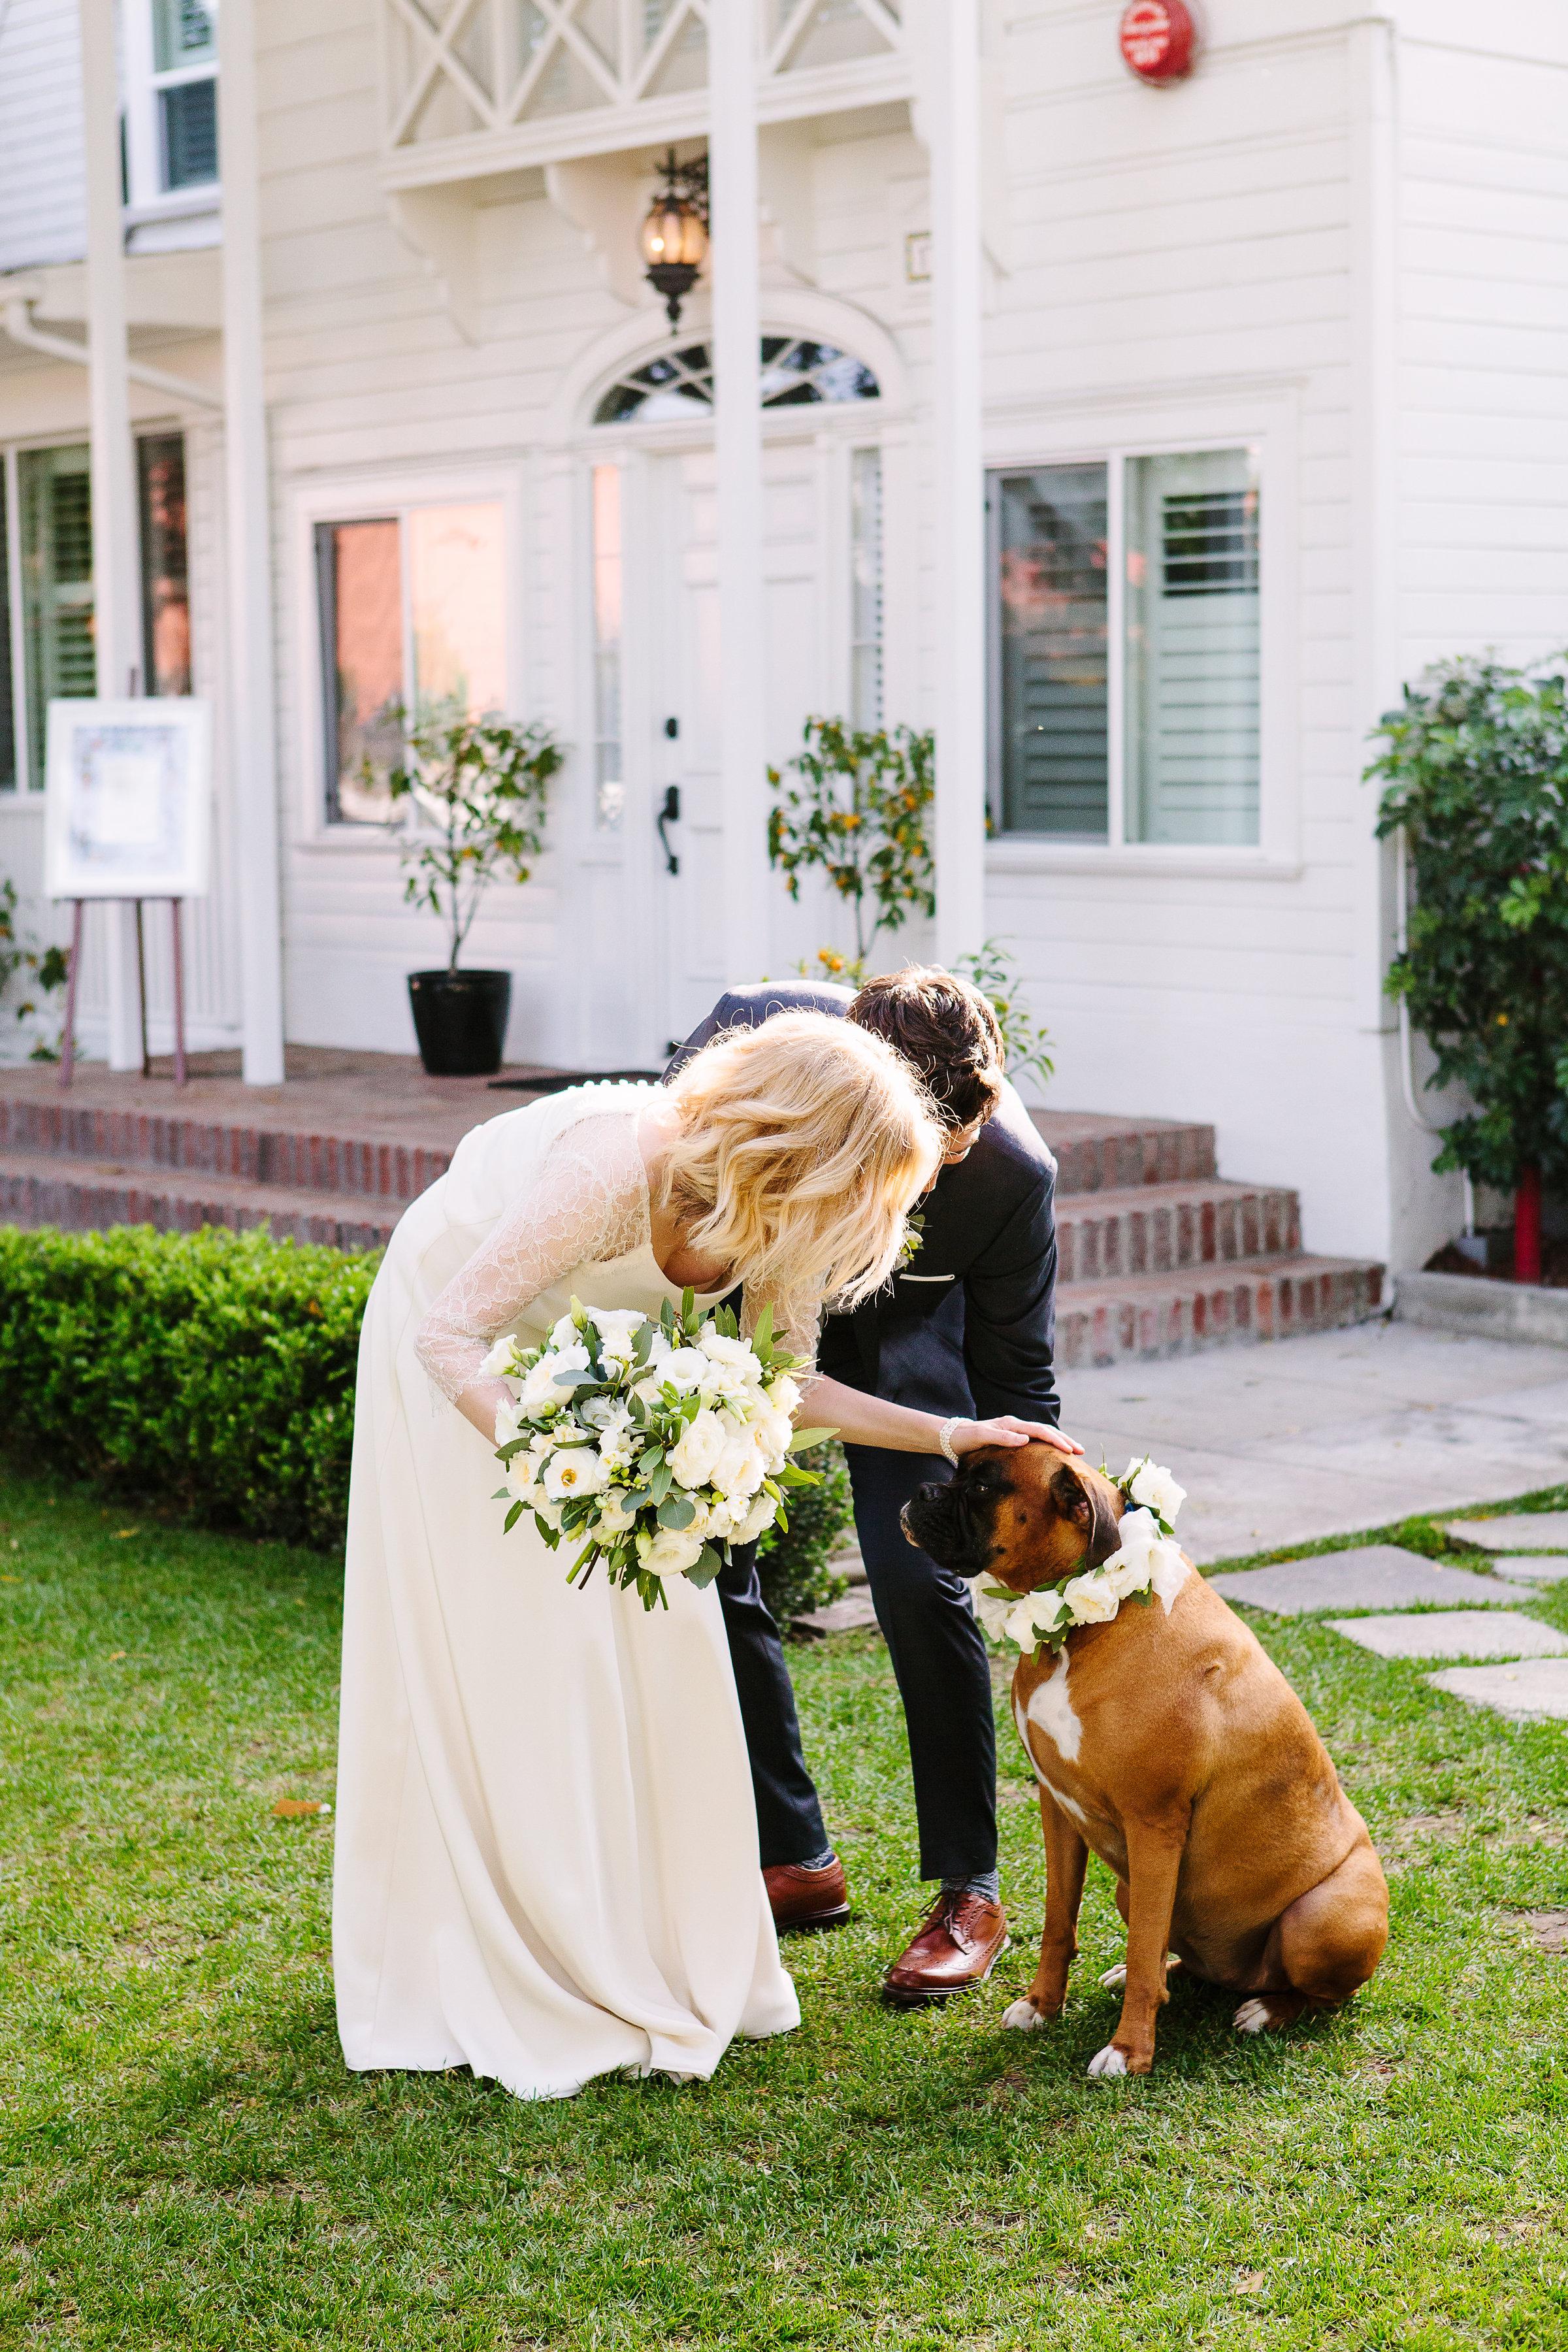 Lisa&Sam'sLombardiHouseWedding-LosAngelesWeddingPhotographerLauraPedrino0534.jpg